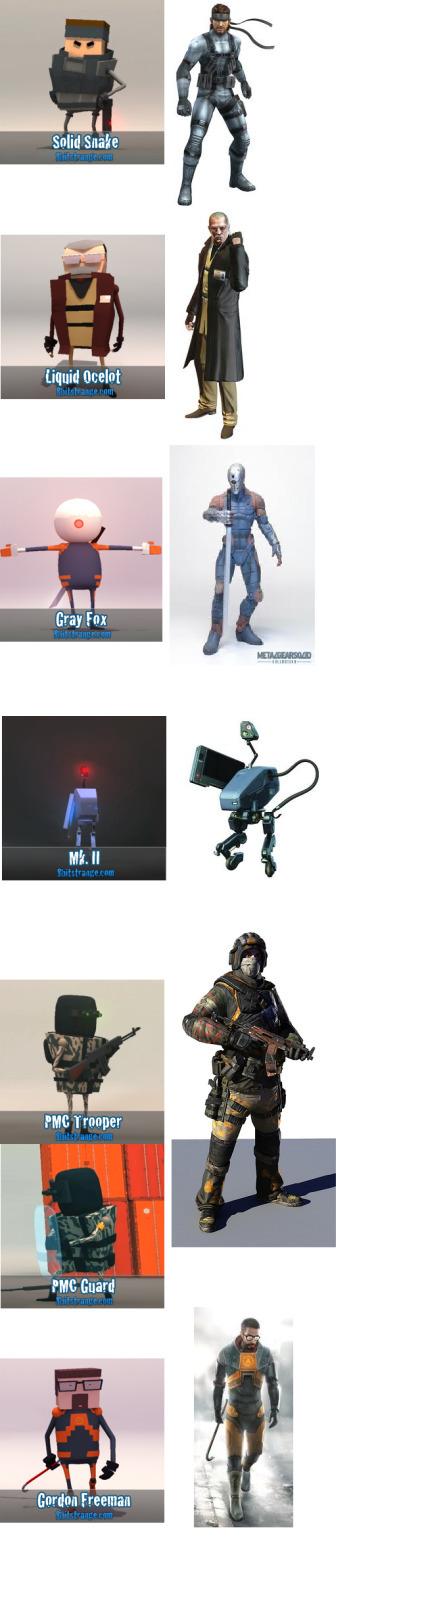 Fan Character Comparison | All Geeks | Scoop.it